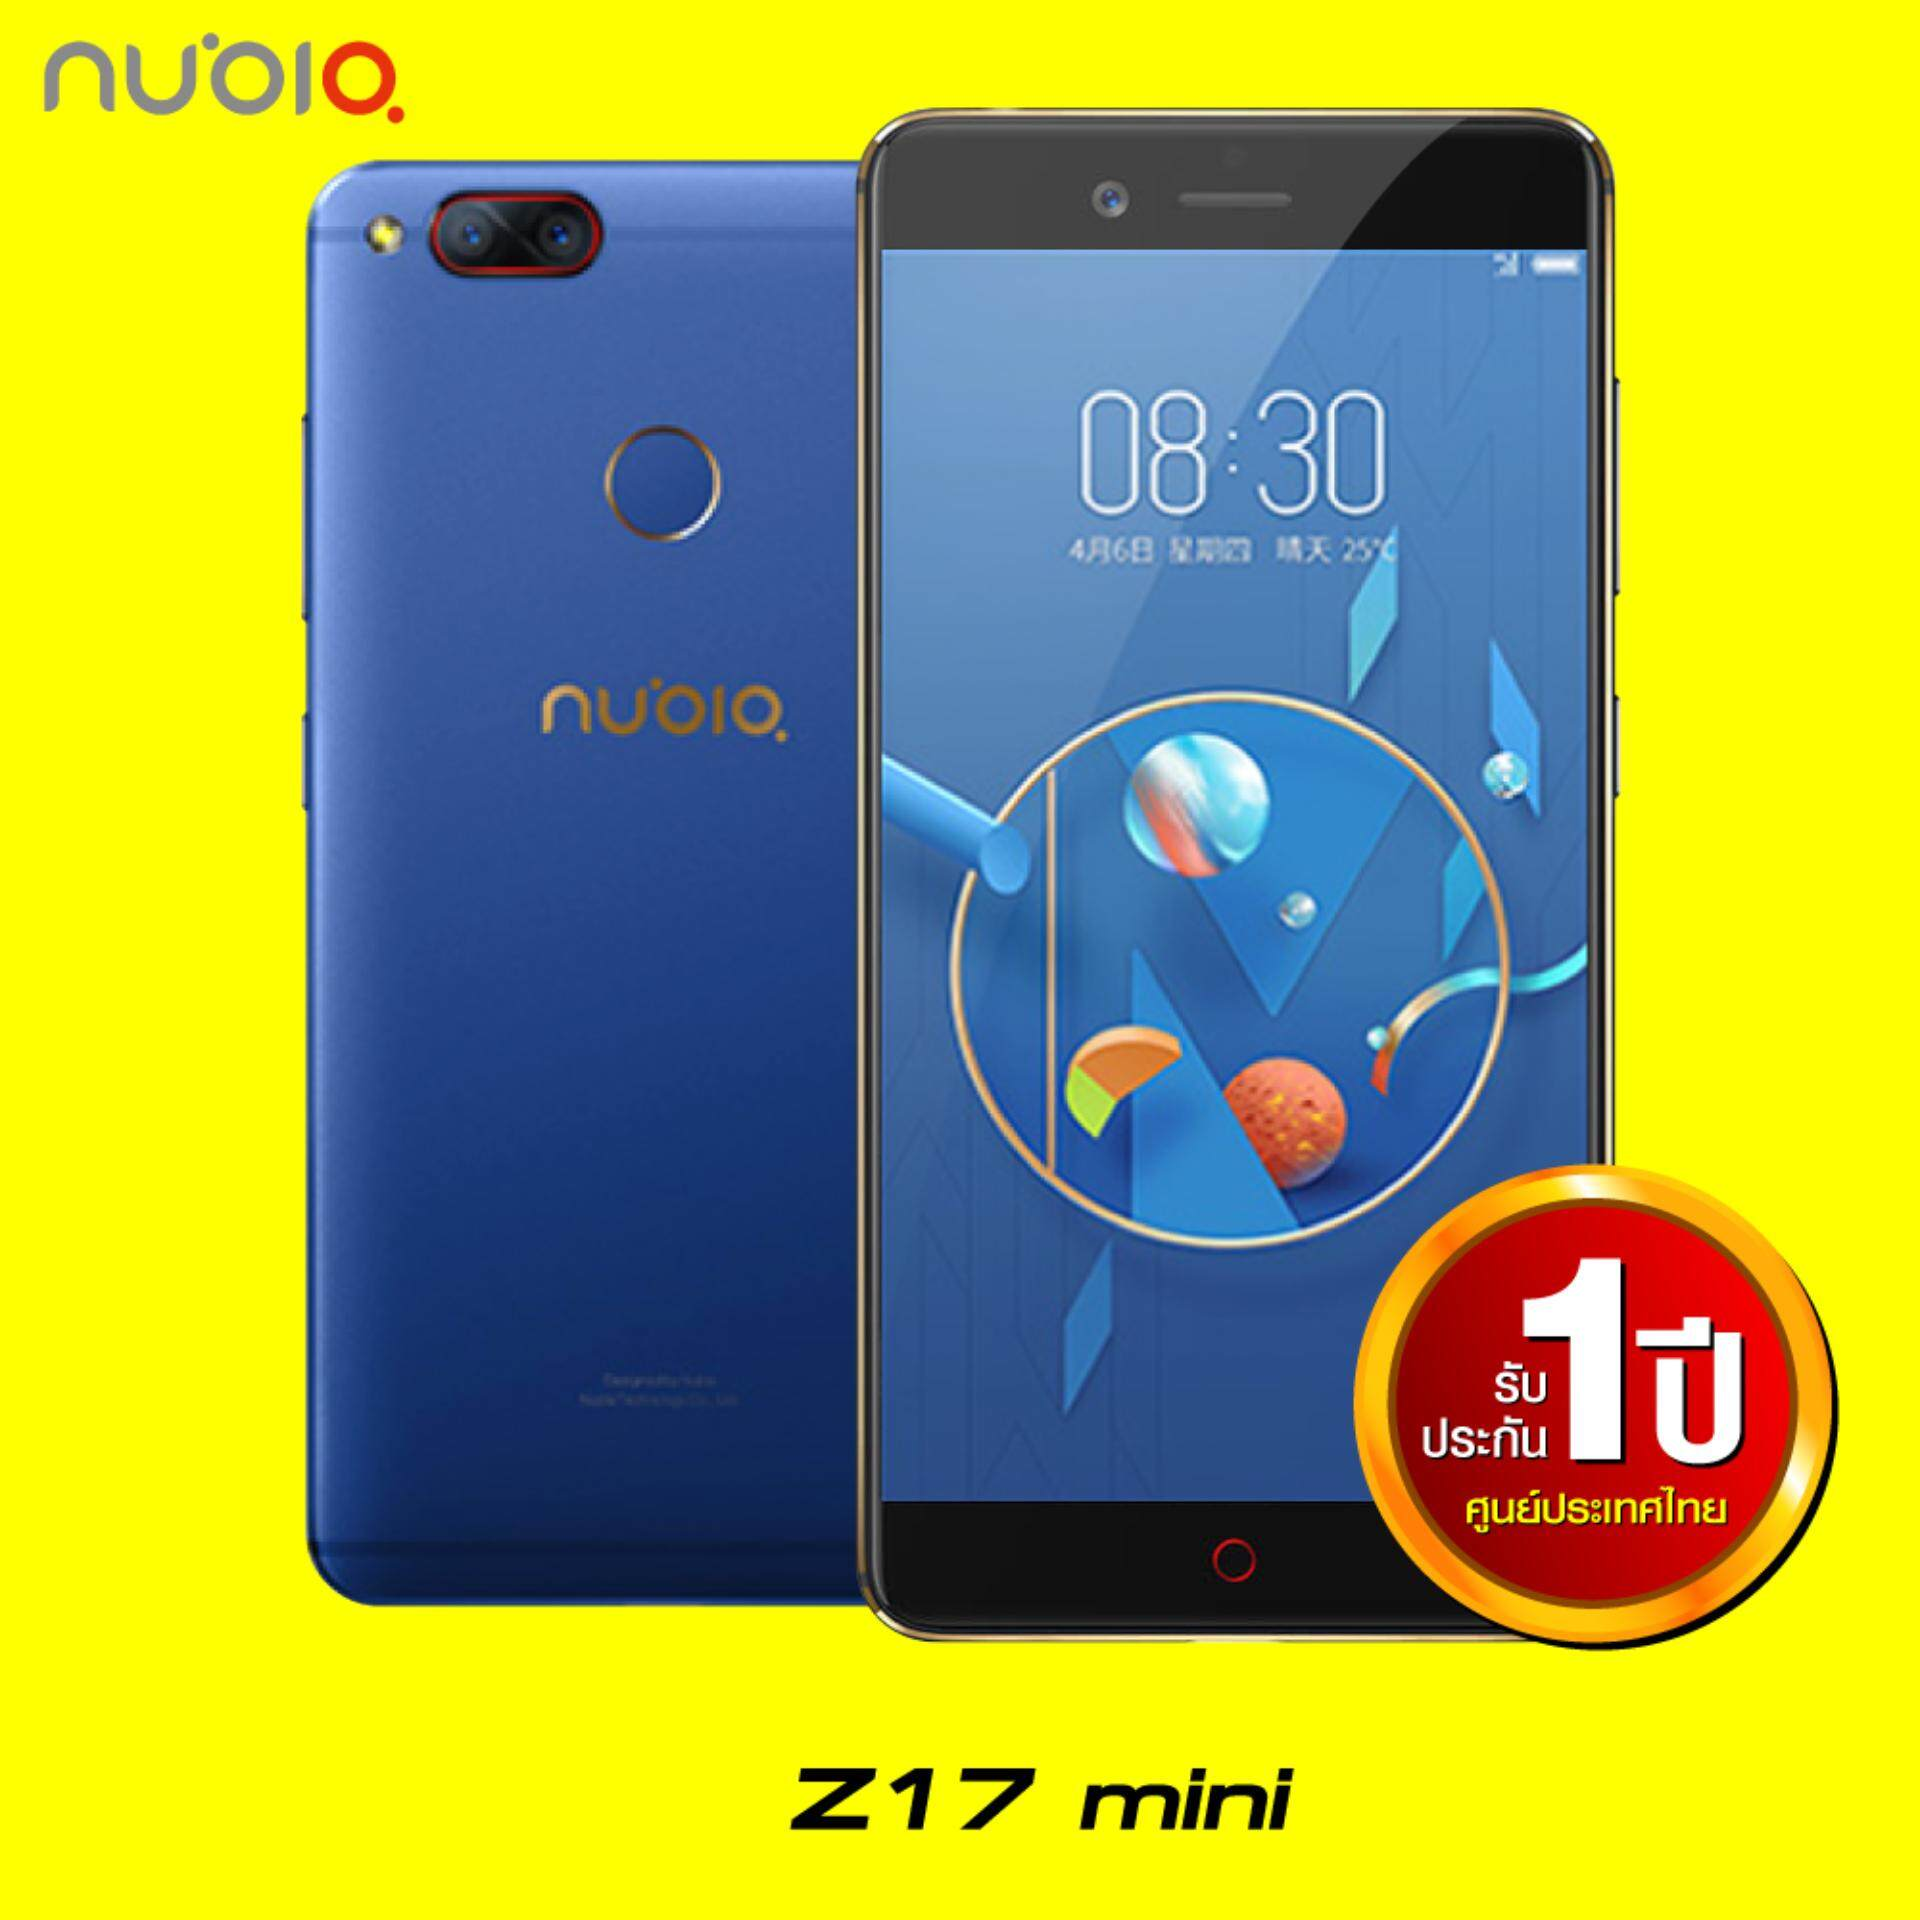 ซื้อ Nubia Z17 Mini 6 128Gb สีน้ำเงิน Aurora Blue Limited Edition พร้อมเคสกันกระแทก ฟิล์มกันรอย มูลค่า 390 รับประกันศูนย์ไทย 1 ปีเต็ม ถูก ใน สมุทรปราการ